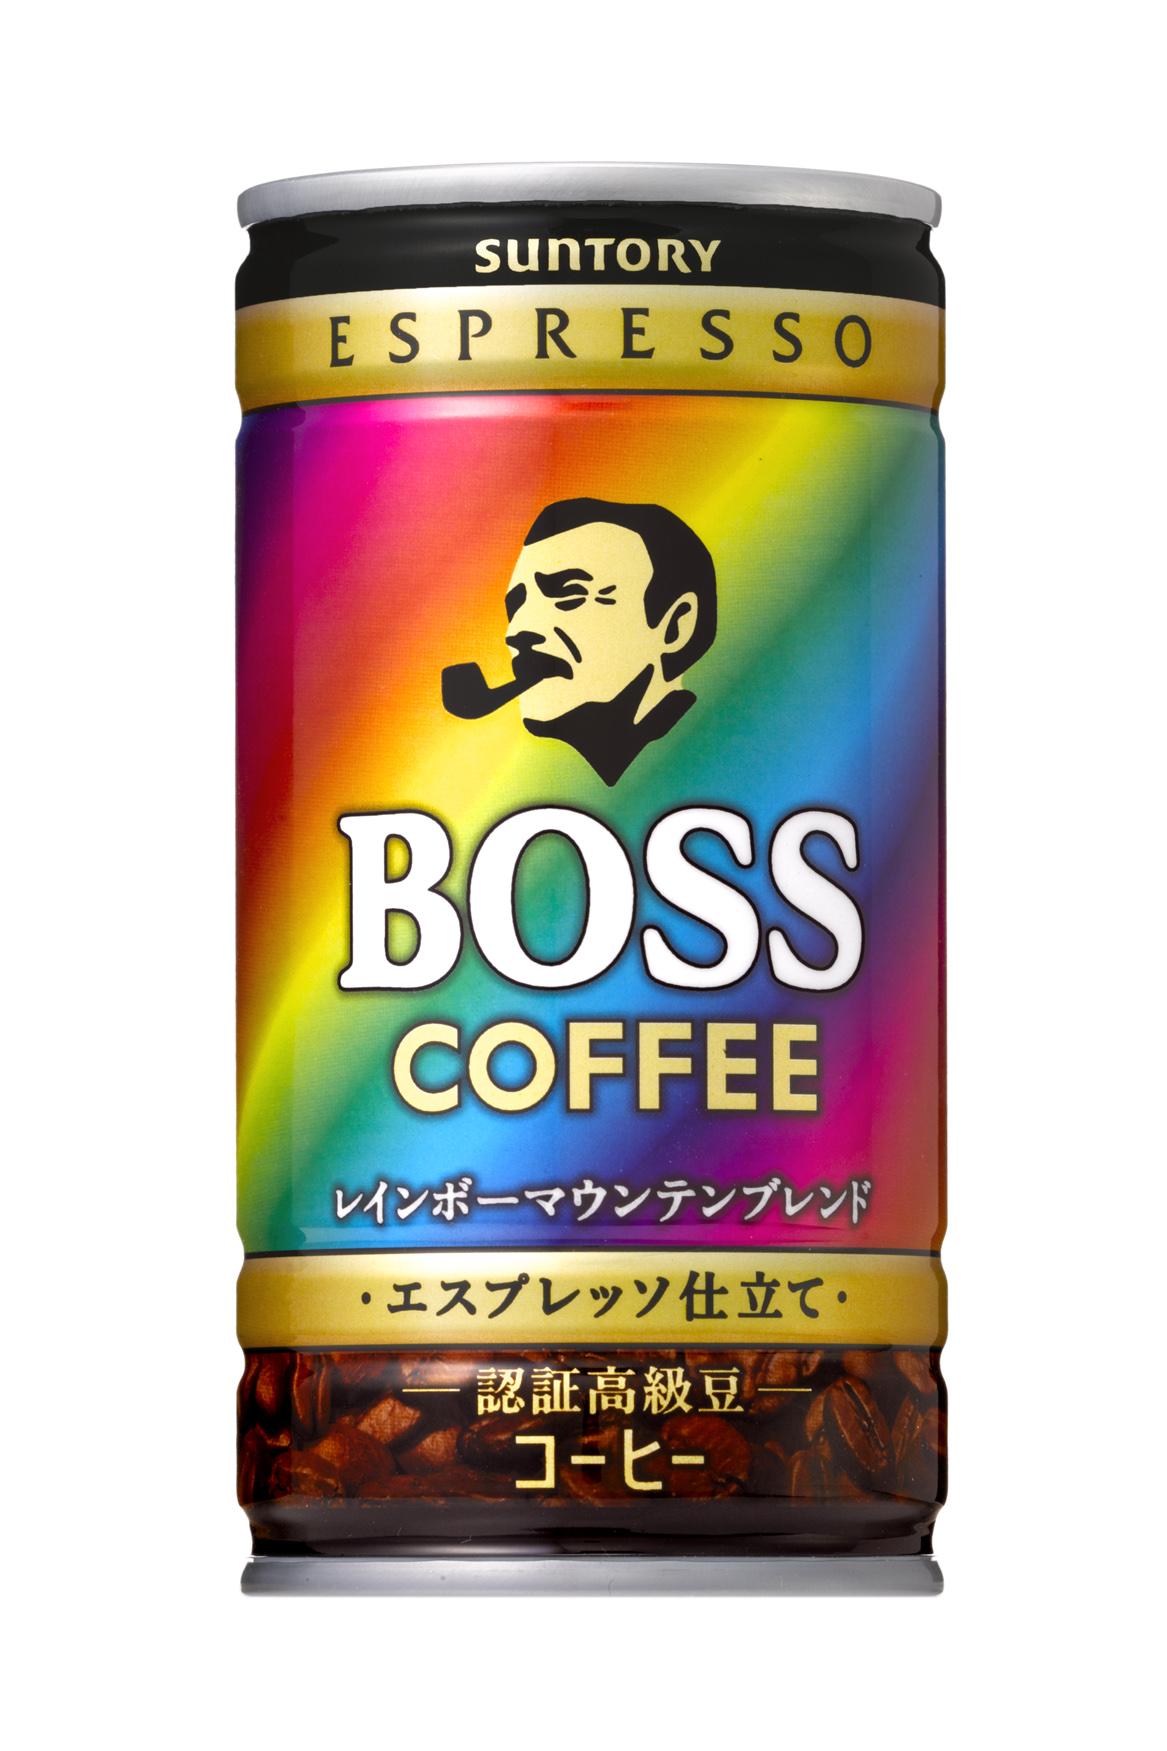 ボスとは - コトバンク - kotobank.jp